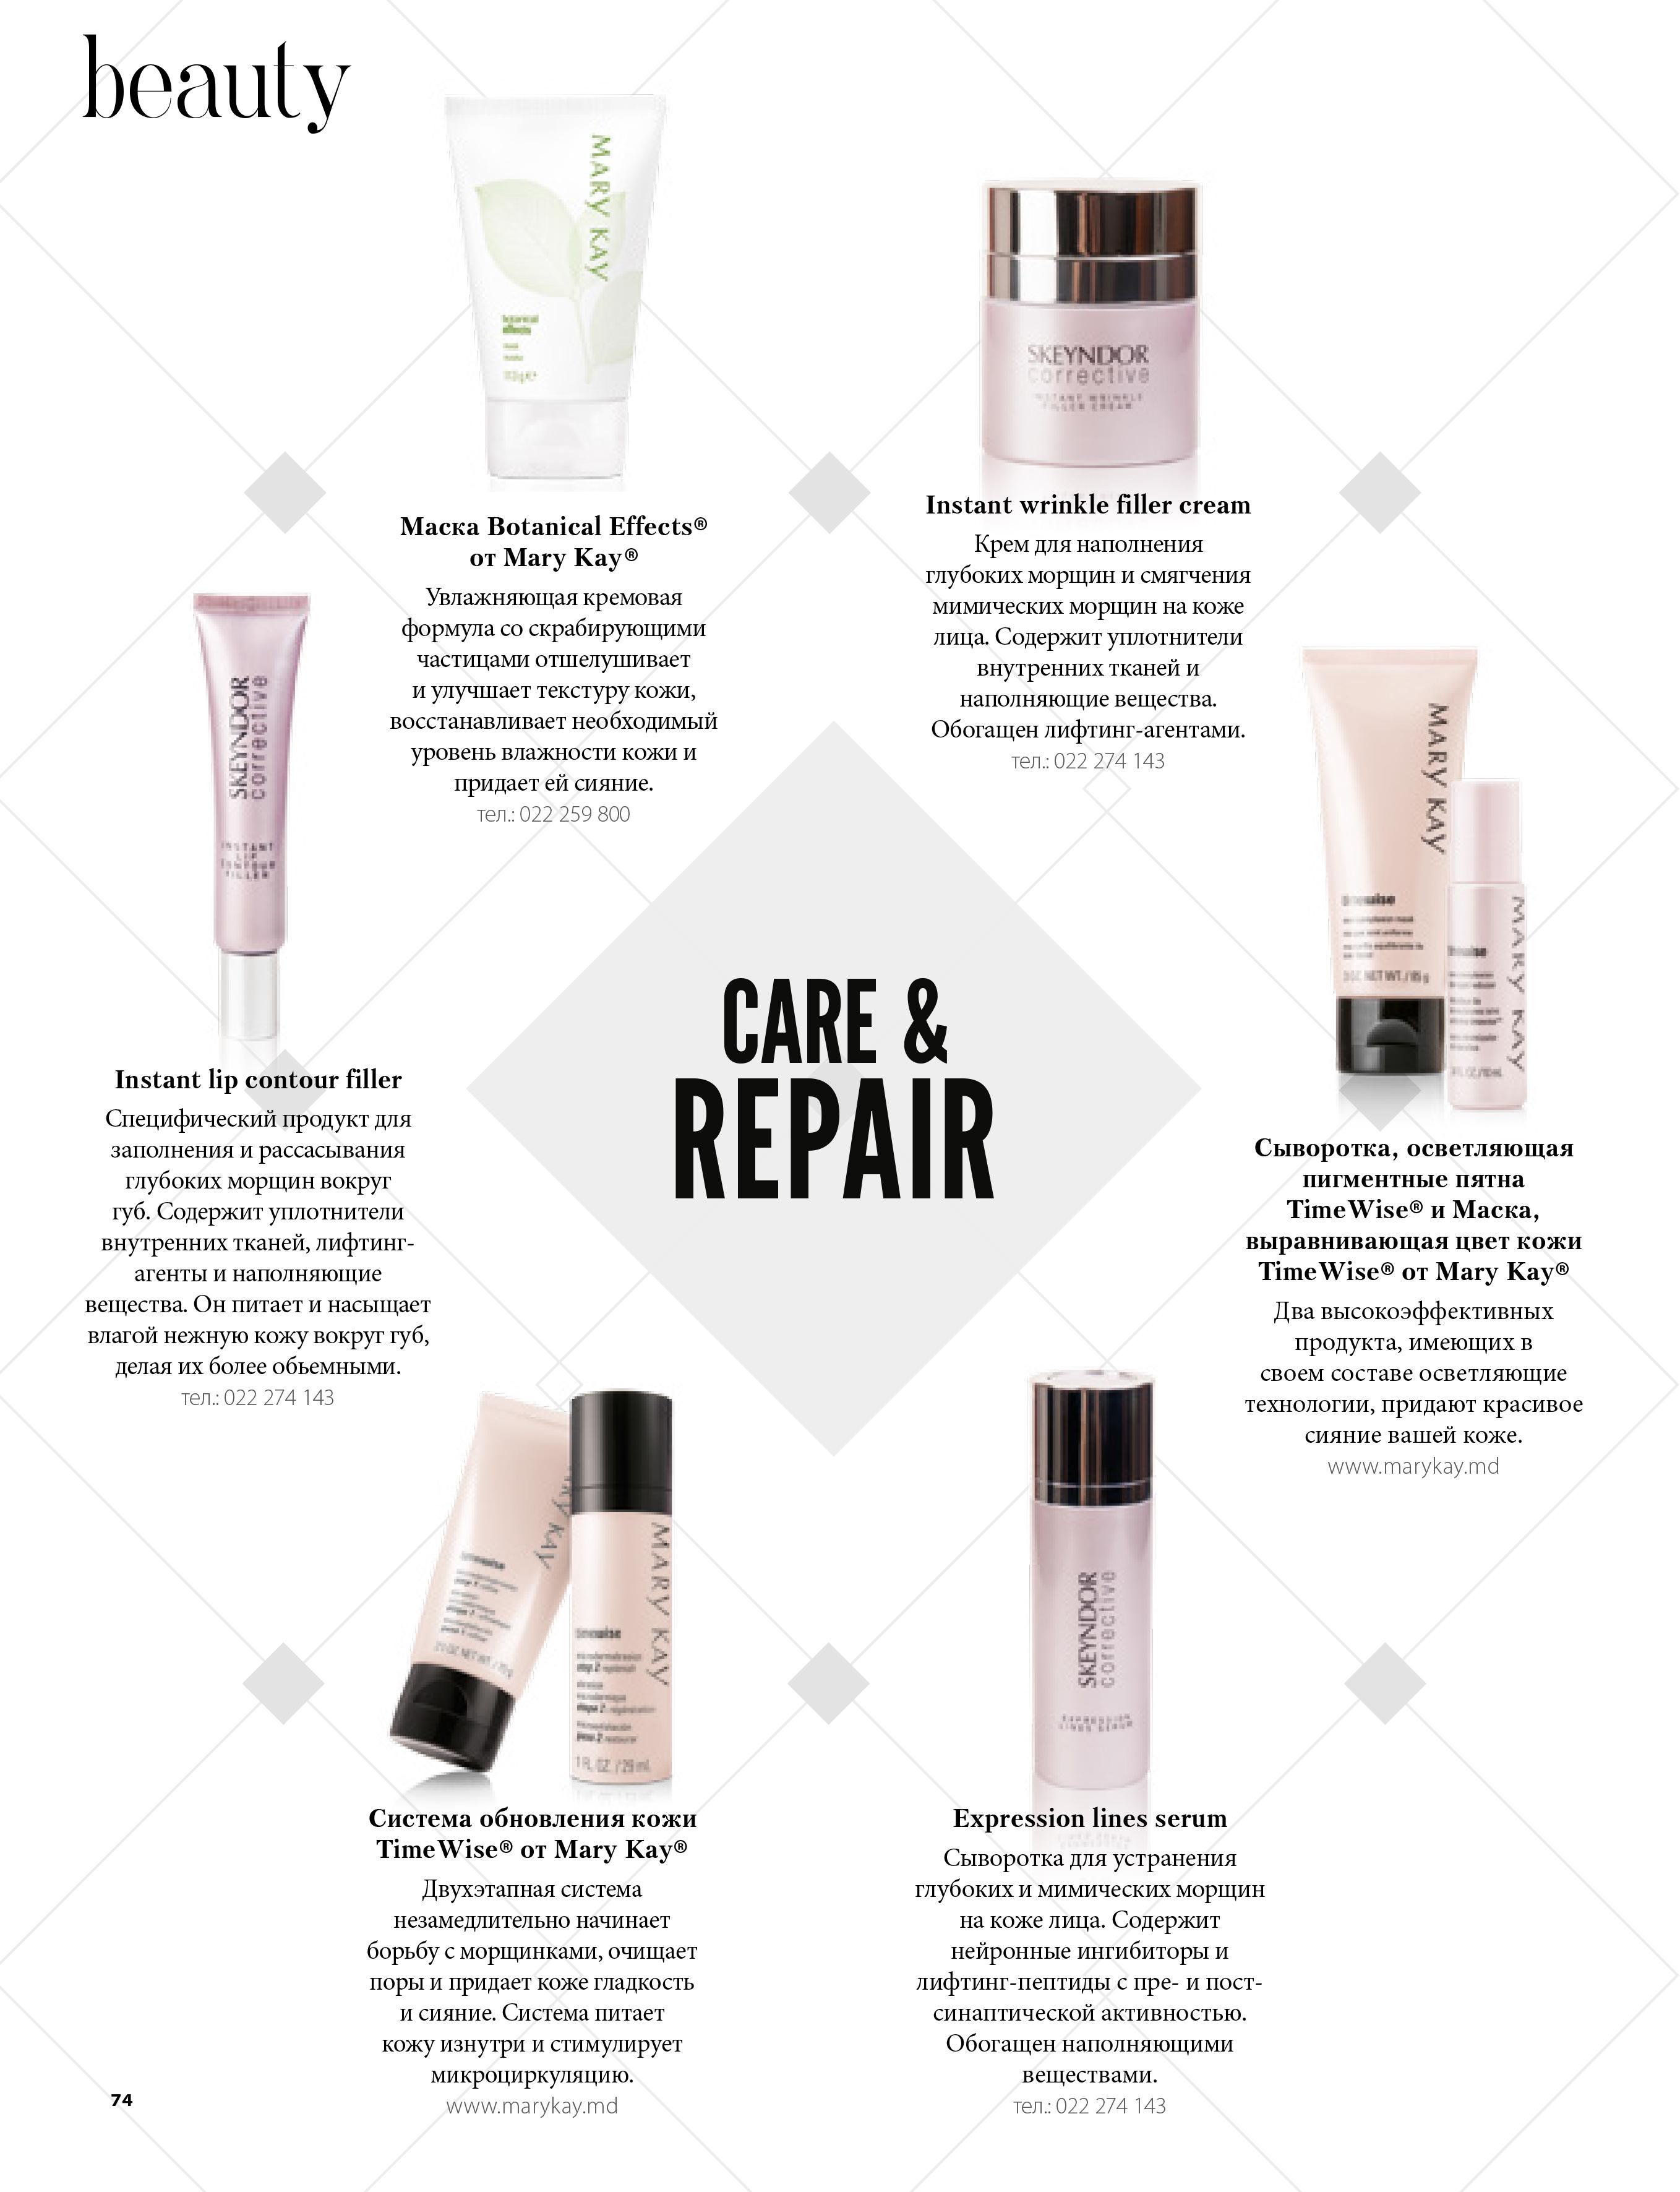 CARE & REPARE: Средства по уходу за кожей лица